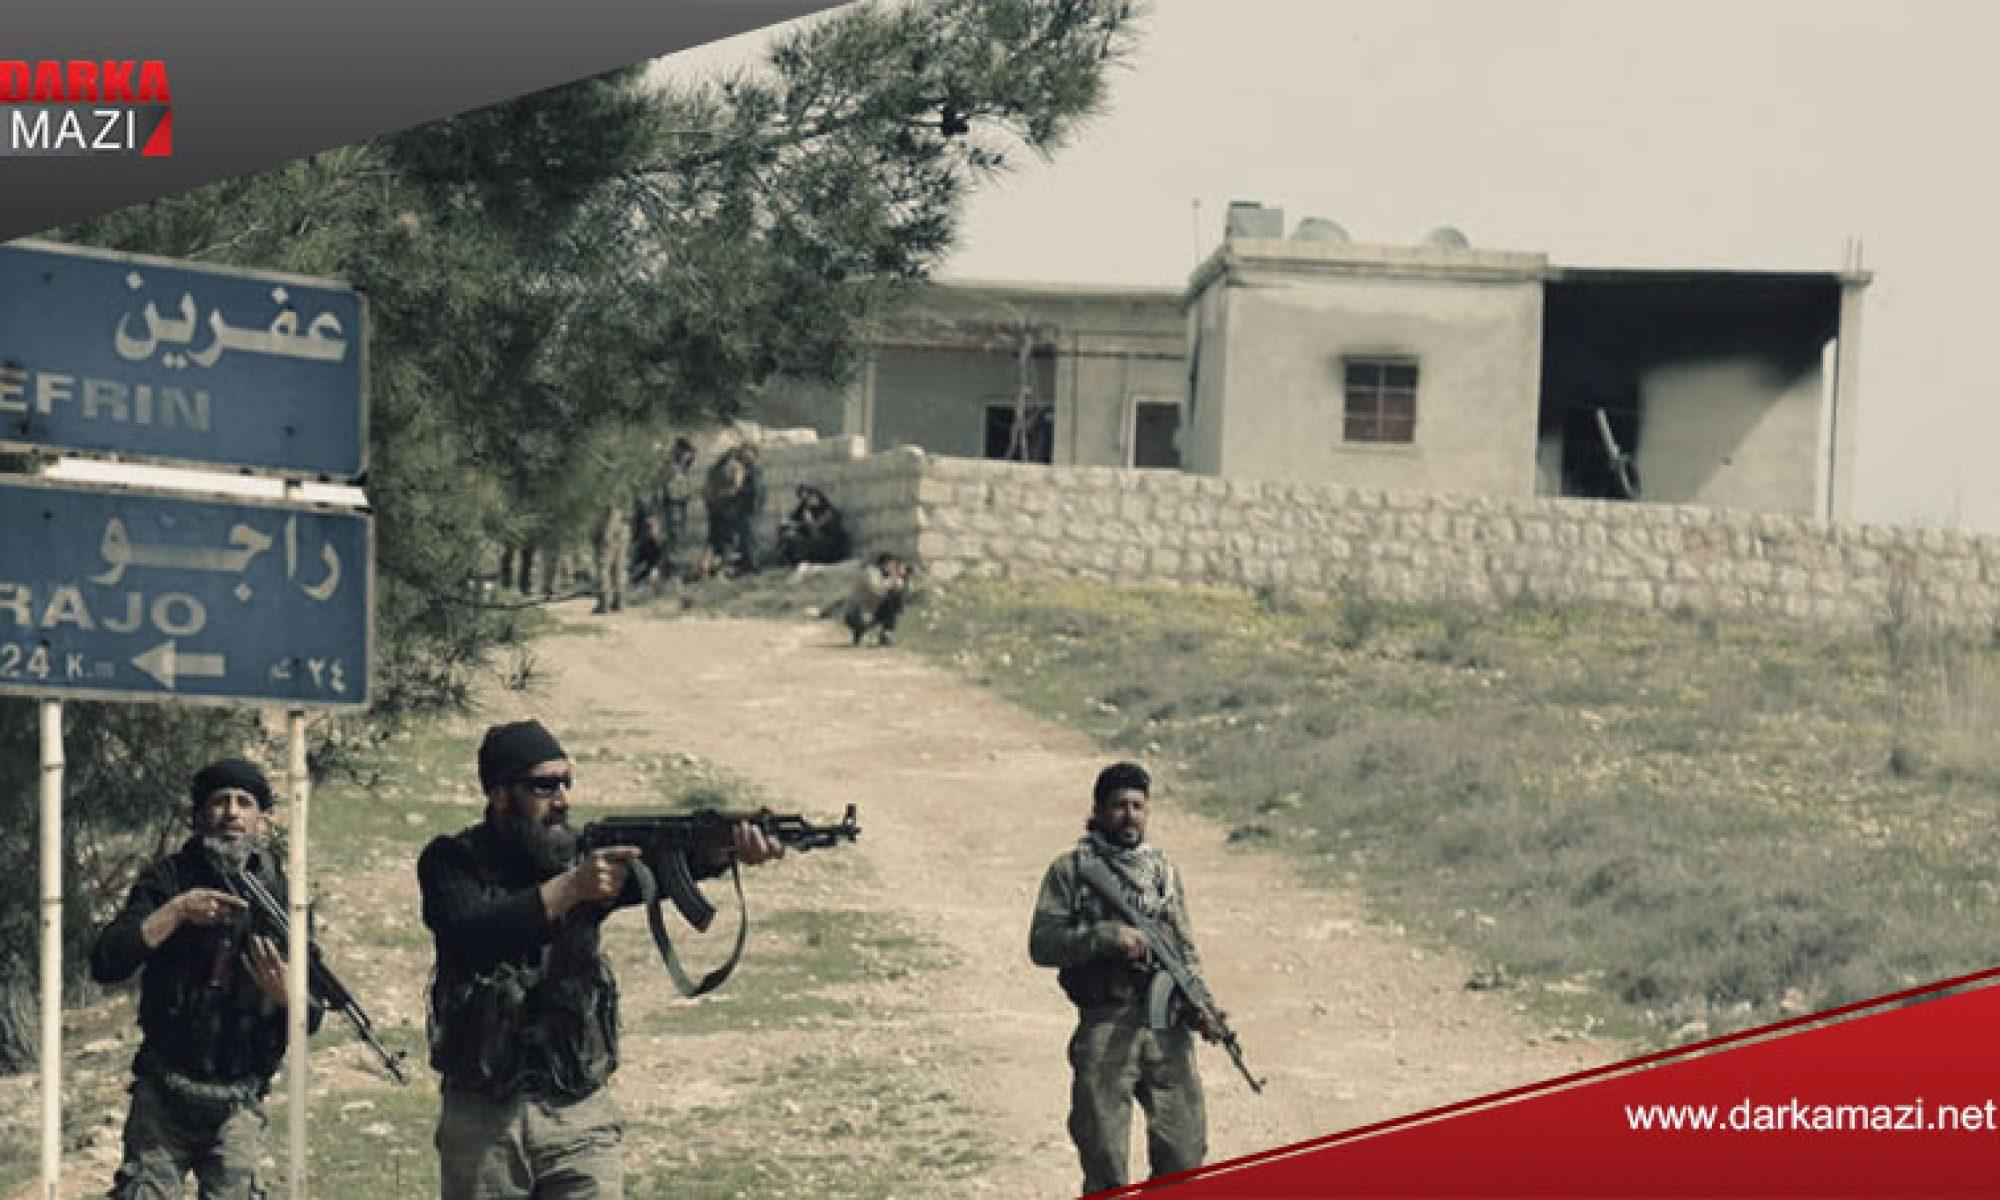 Türkiye'ye bağlı çeteler Efrin'de fidye amaçlı 14 kişiyi kaçırdı